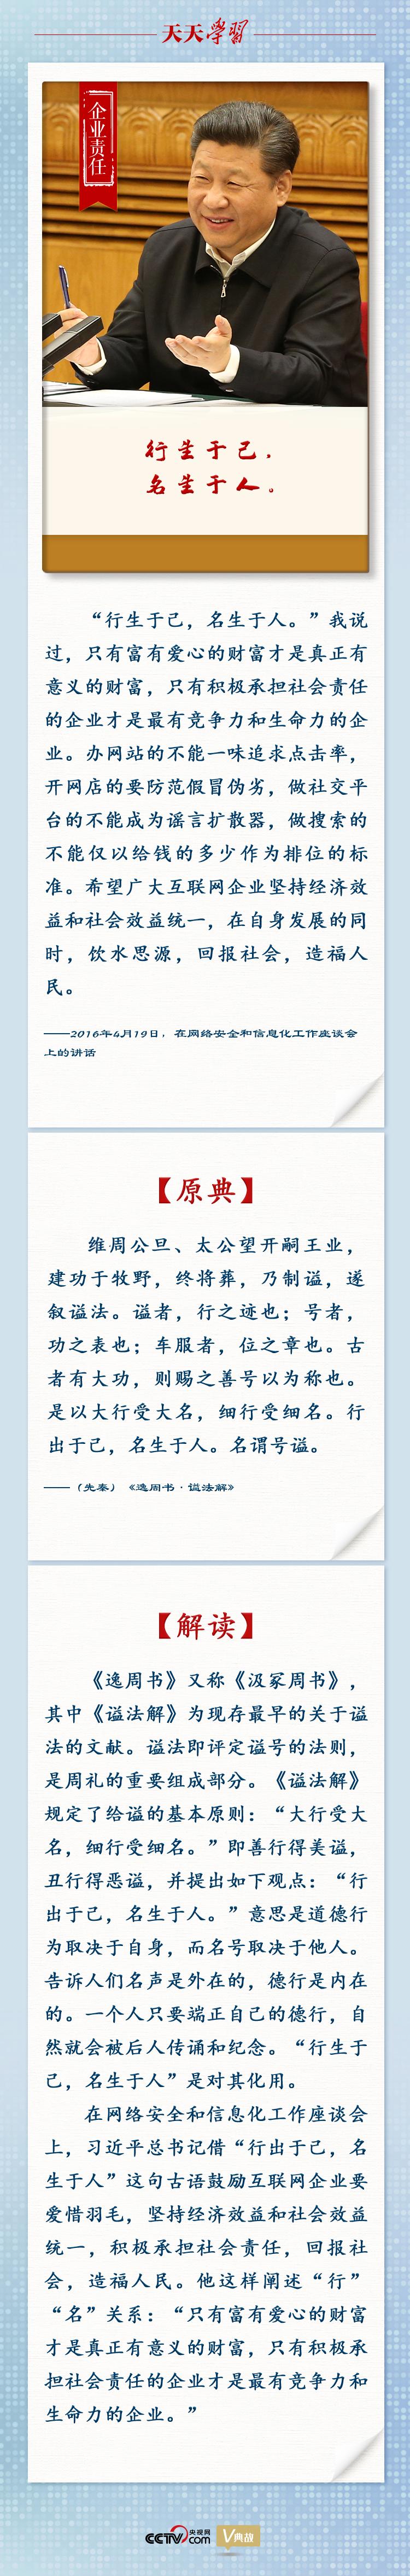 ffb221f4a9468fc5.jpg